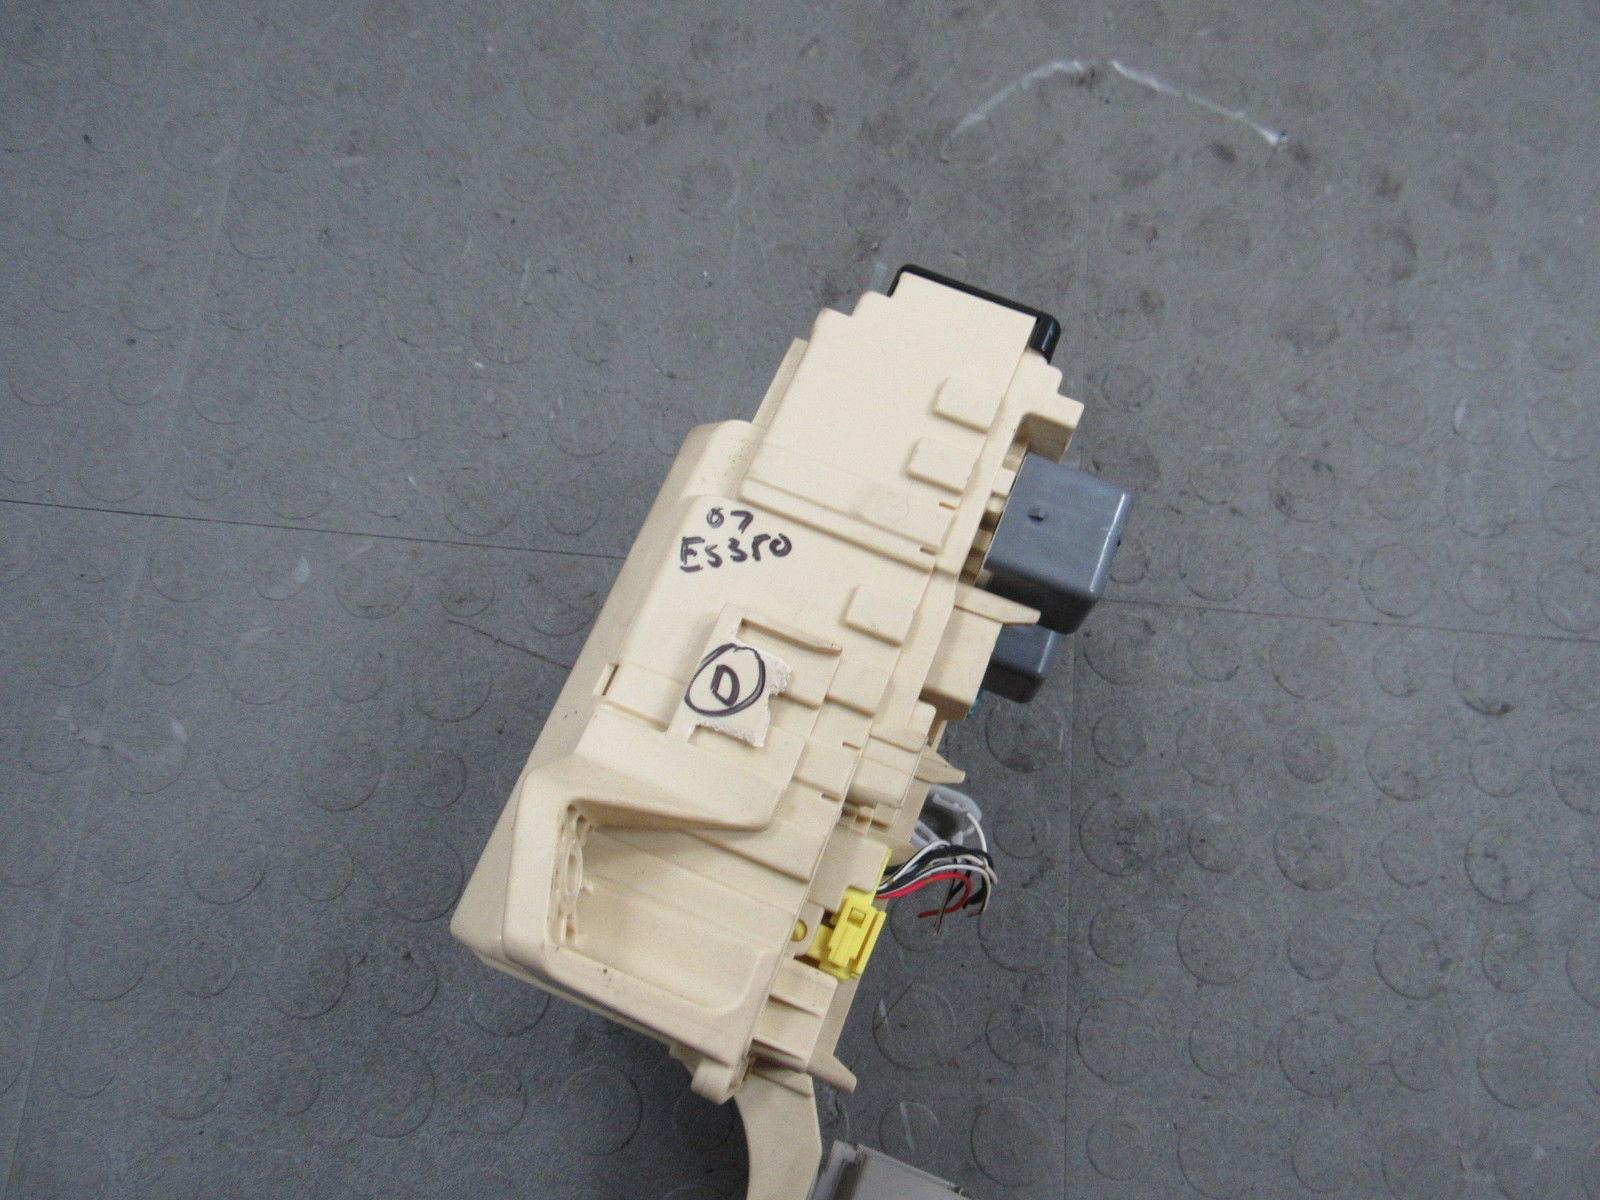 07 10 lexus es350 fuse box relay multiplex module driver side 82730 rh importapart com 2013 lexus es 350 fuse box lexus es 350 fuse diagram